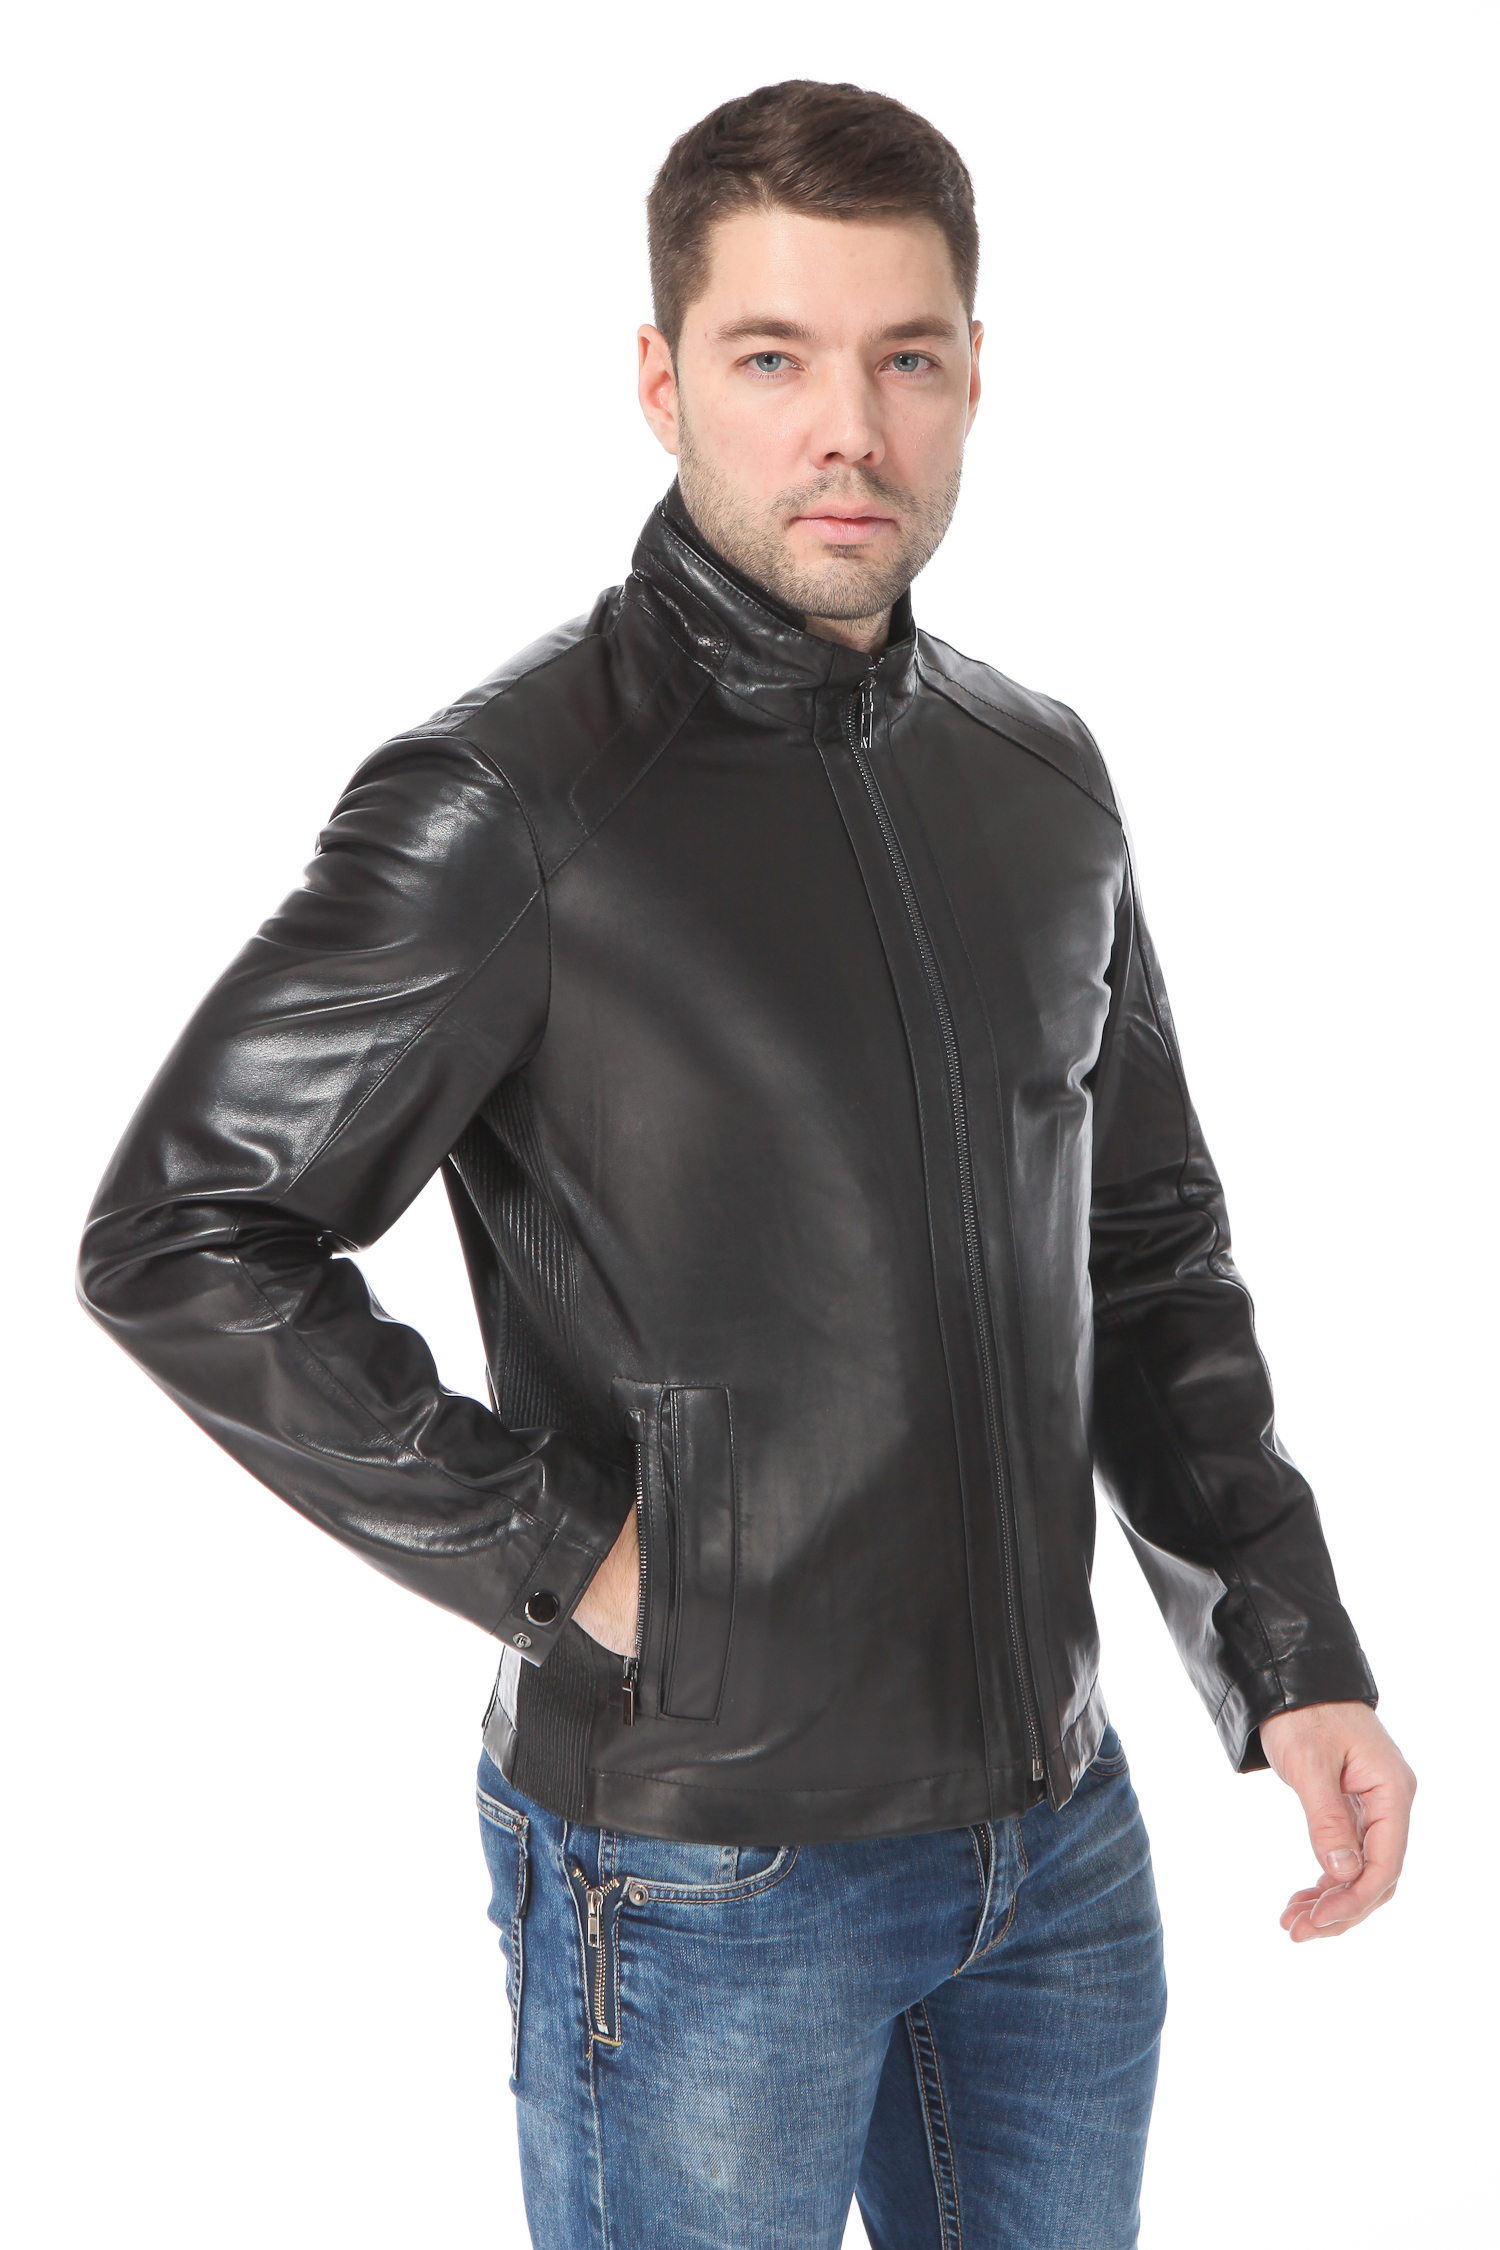 Мужская кожаная куртка из натуральной кожи утепленная<br><br>Воротник: стойка<br>Длина см: Короткая (51-74 )<br>Материал: Кожа овчина<br>Цвет: черный<br>Вид застежки: центральная<br>Застежка: на молнии<br>Пол: Мужской<br>Размер RU: 56